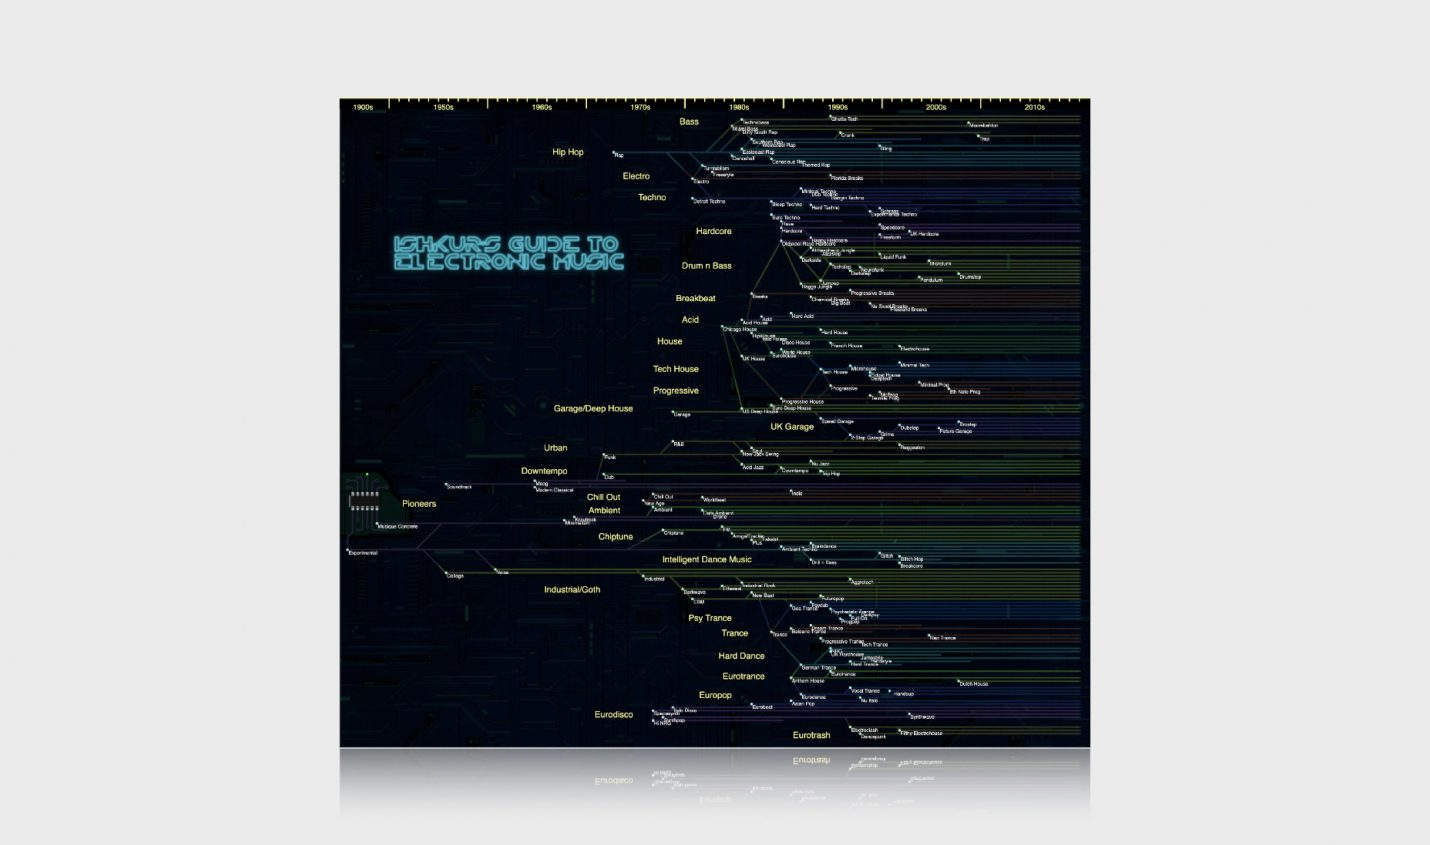 Ishkur's Guide To Electronic Music: Online-Karte für elektronische Musik